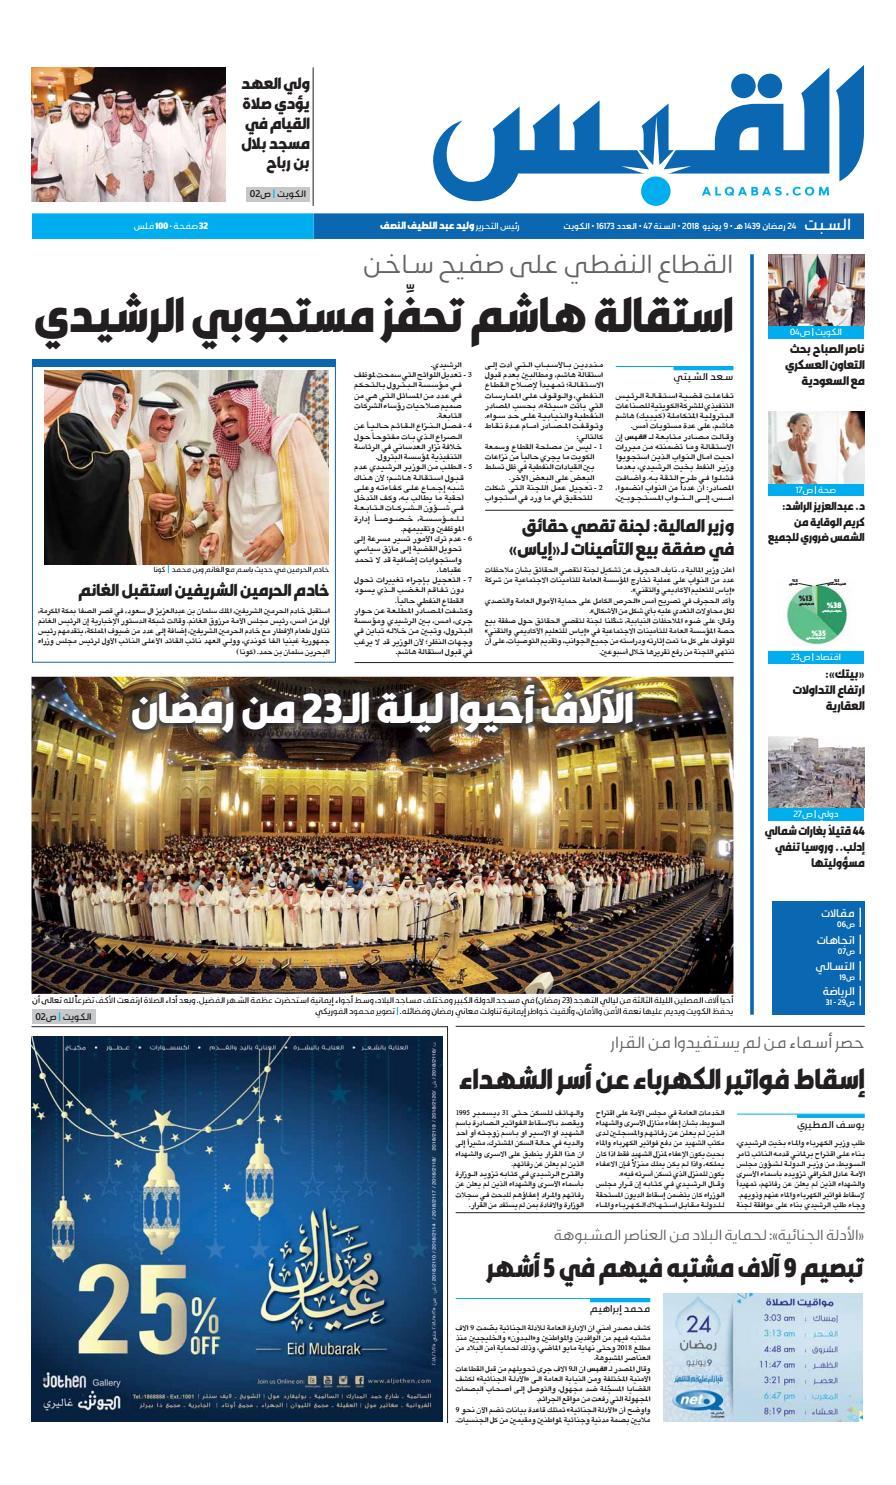 القبس عدد السبت 9 يونيو 2018 by AlQabas - issuu